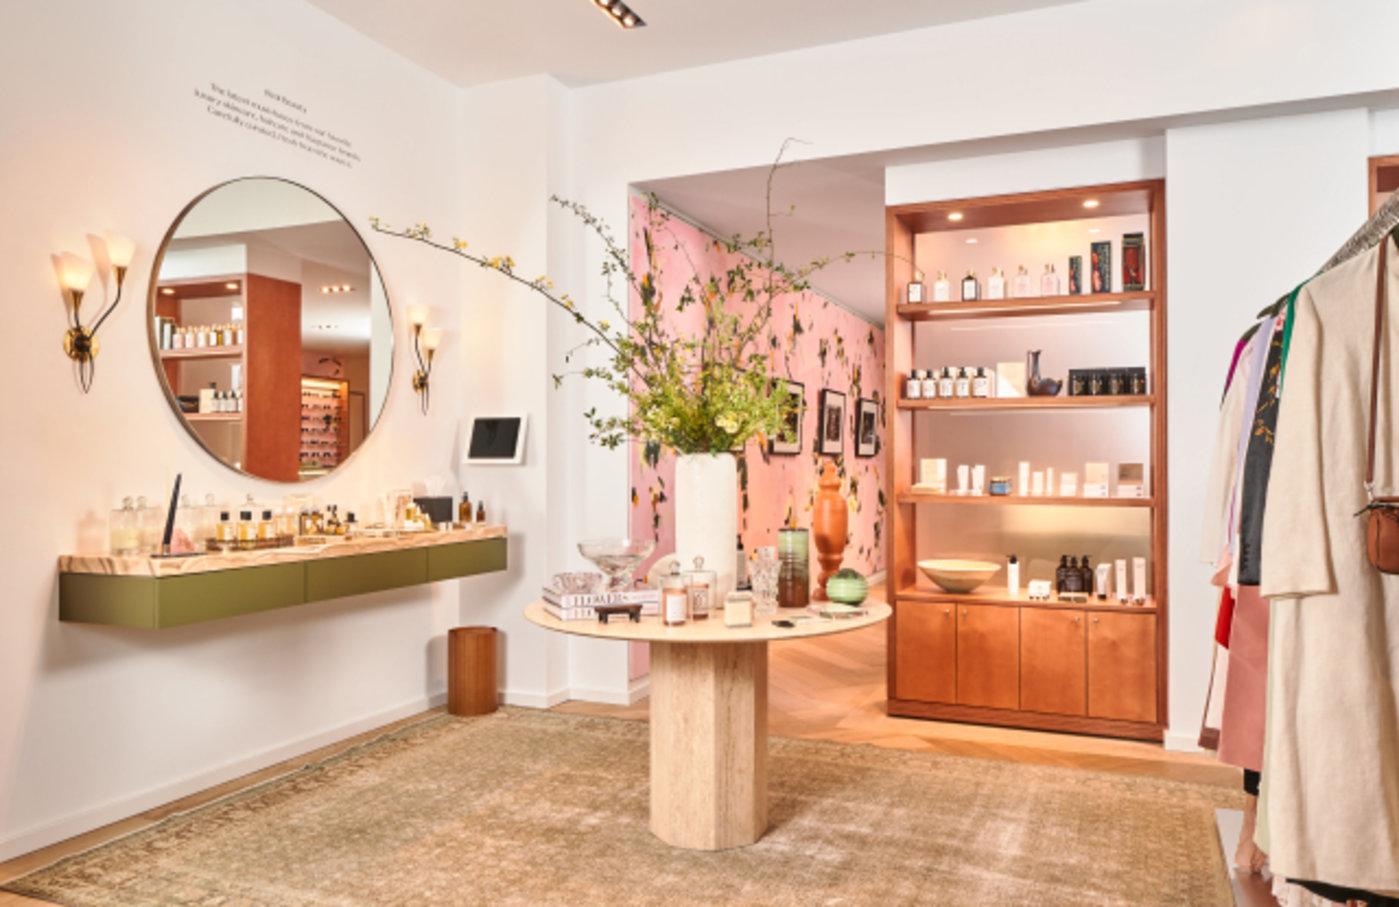 店内也出售家居、美妆产品等SKU